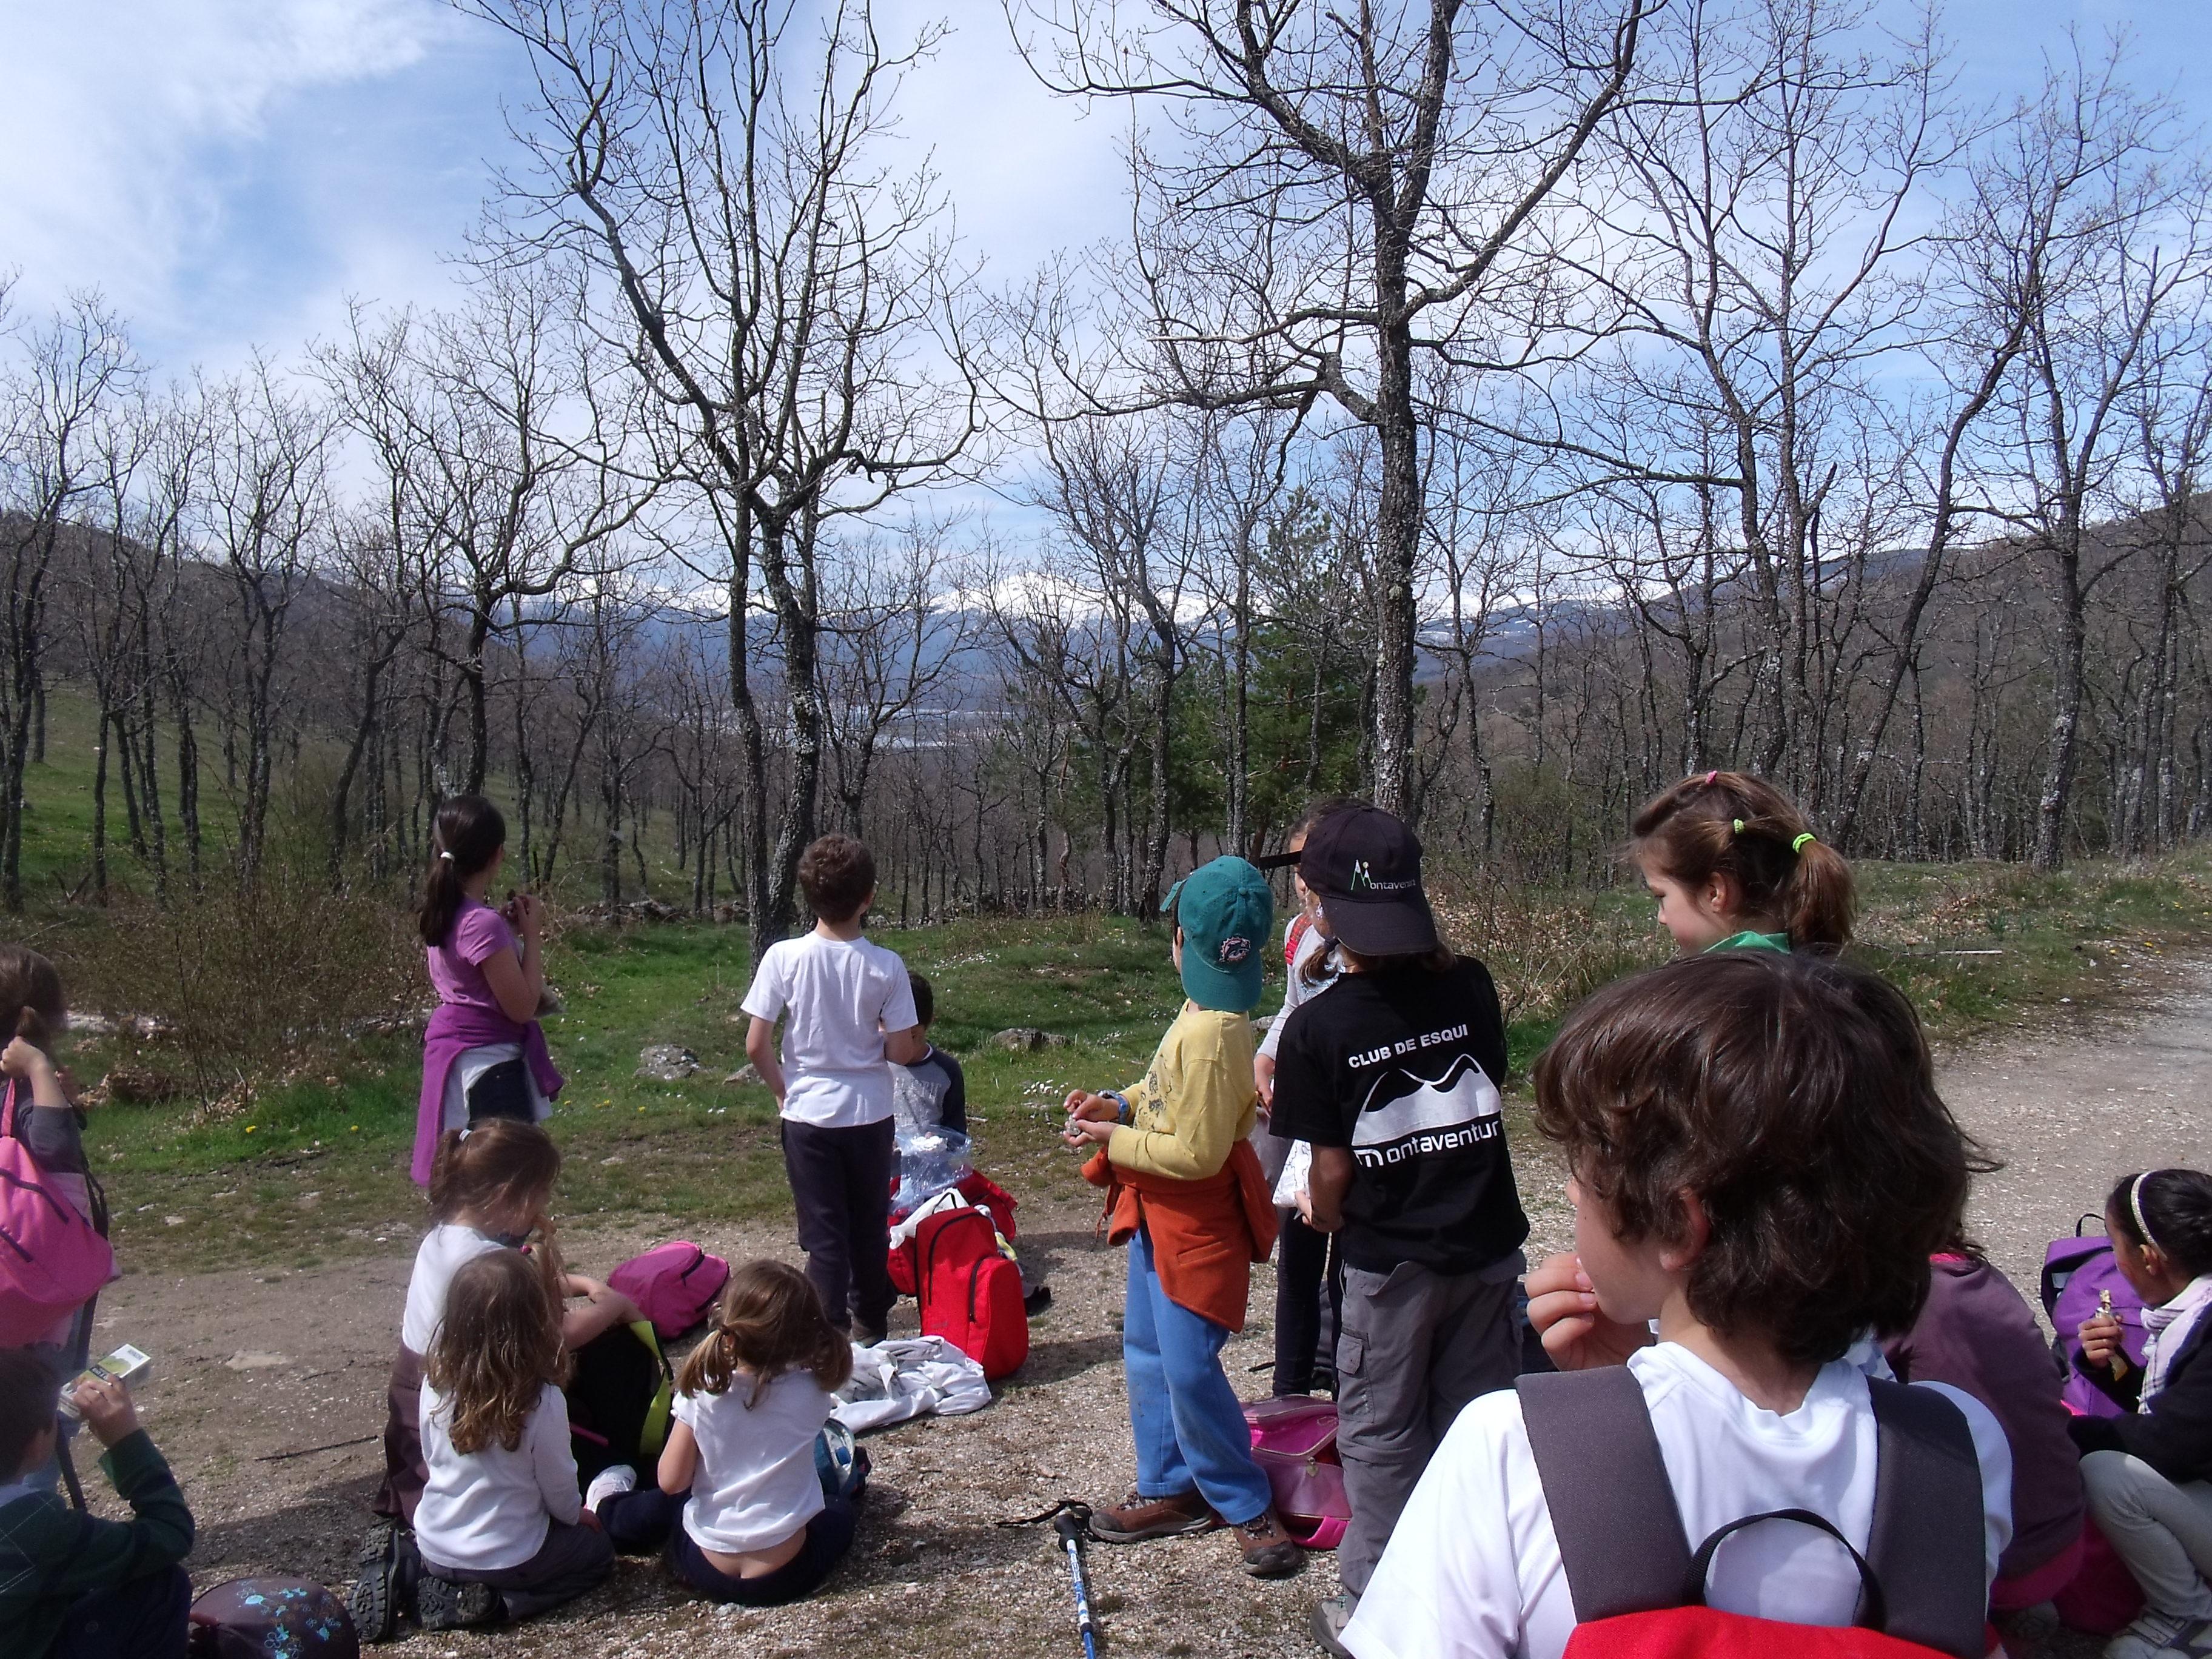 familias de la escuela de senderismo buscando la primavera